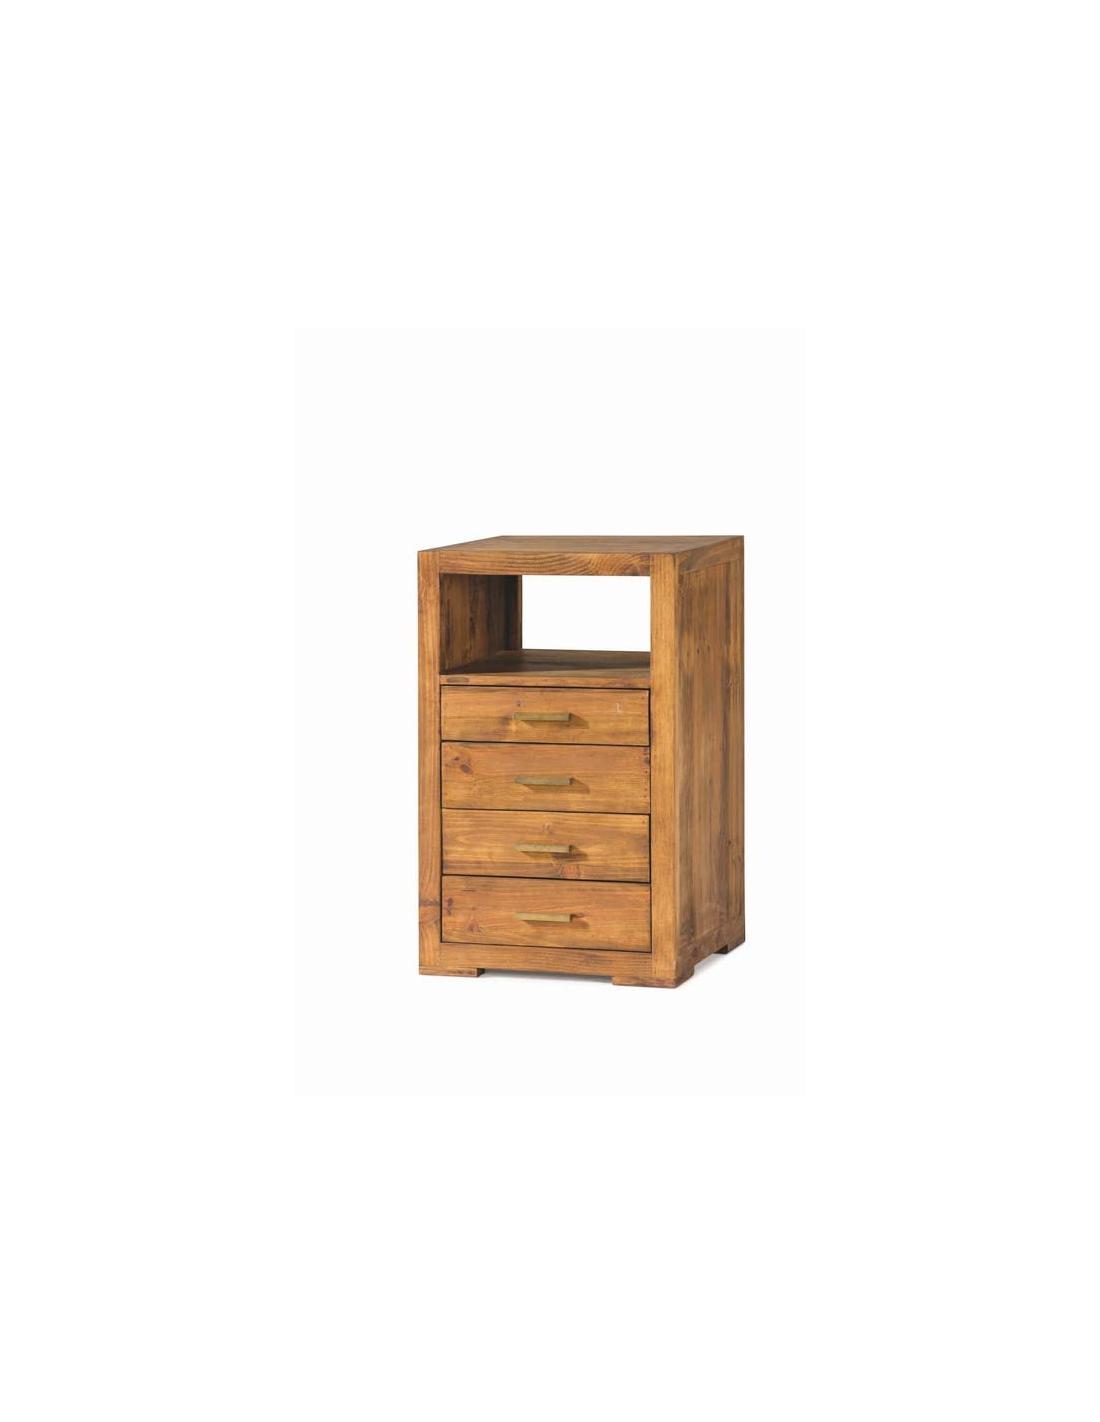 Comprar mueble auxiliar estilo rustico madera con cajones for Mueble auxiliar rustico